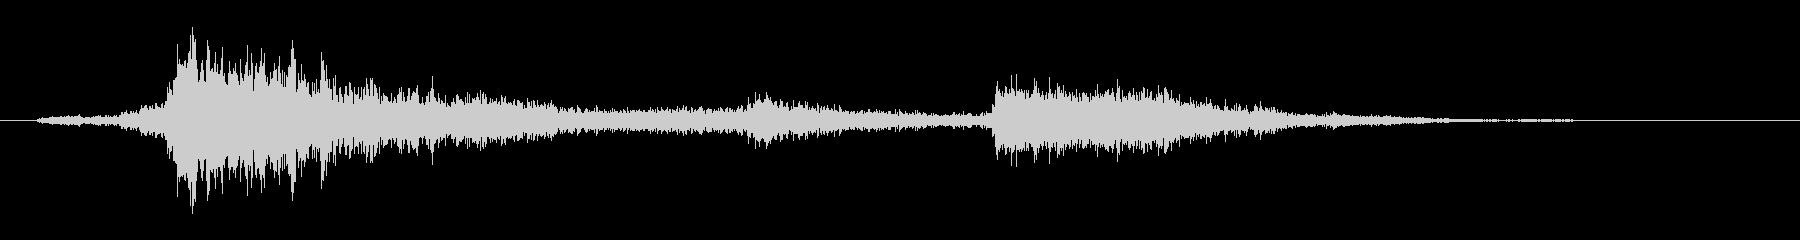 鉄骨・金属【ガシャーン・ガラガラ】落下音の未再生の波形